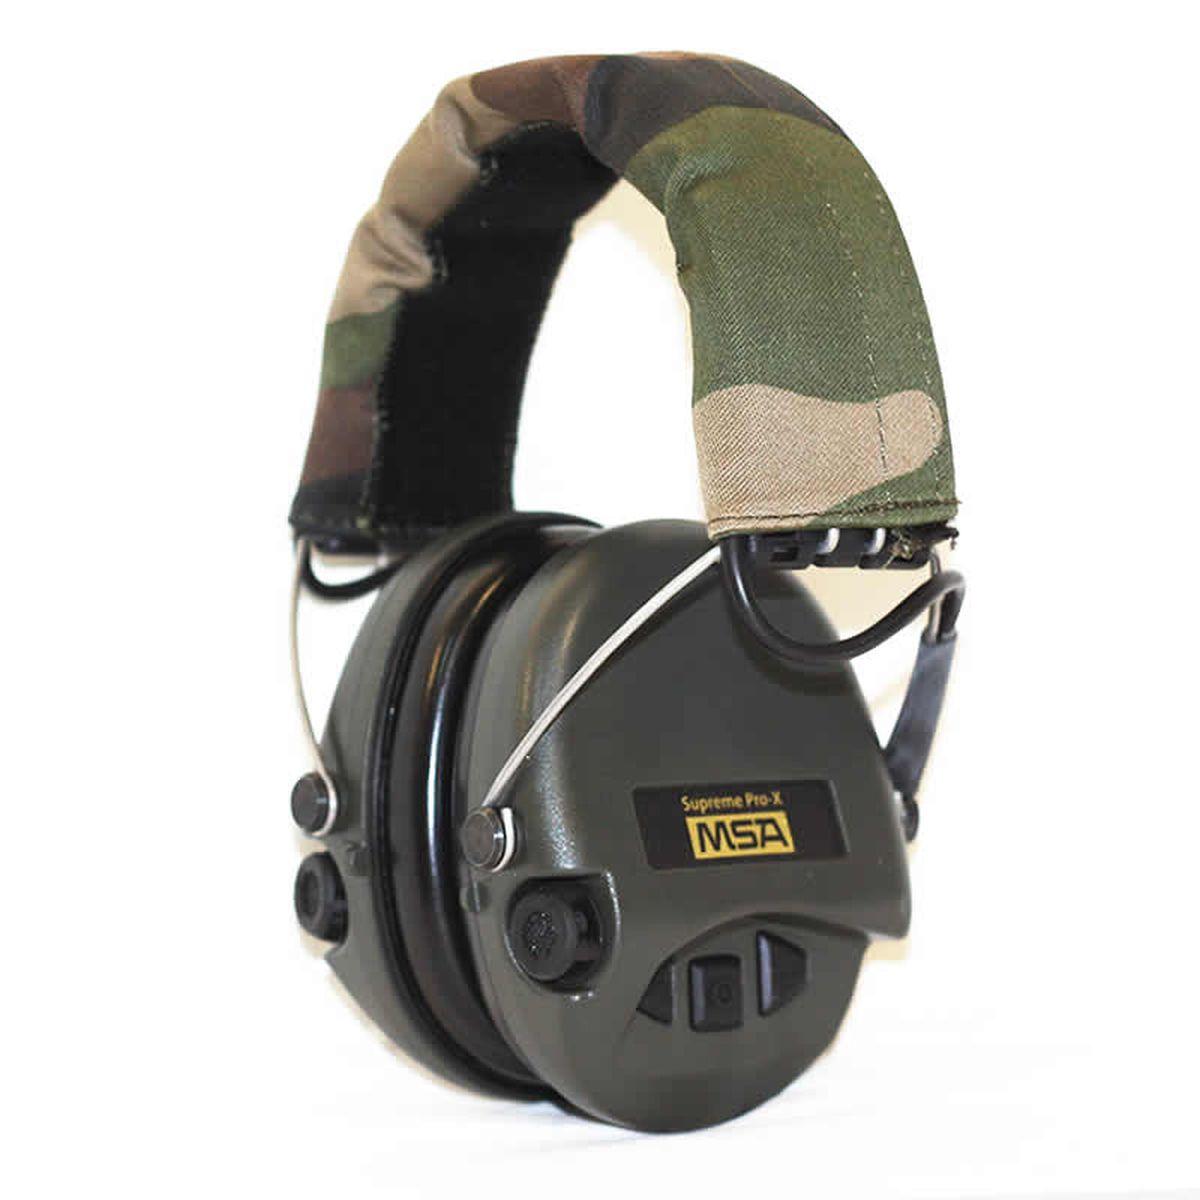 Наушники для стрельбы MSA Sordin Supreme Pro-Х, активныеSOR75302-ХАктивные наушники для стрельбы и охоты. Цвет ушных чашек – хаки. Усиливают слабый звук в 4 раза до 27 Дц и уменьшают шум до 82 Дц. Звуковая картинка на 360° градусов, звук Stereo. Два отдельных ветро-влагозащищенных микрофона. Влагозащищенный батарейный отсек. Звуковая пауза после отсечки шумовой волны менее 0,6 сек. Широкие кнопки включения с регулировкой громкости звука – 4 положения. Складные соединительные дужки, из прочной проволочной стали, покрытой антикоррозийным лаком. Дужки отделаны кожей. Предусмотрено прослушивание аудиозаписей через плеер/телефон, но основная функция – прослушивание сообщений через переносную радиостанцию. Возможно использование PTT(двух-полосная связь). Автоматическое отключение через 4 часа после начала использования. Предупреждение звуковым сигналом за 40 часов о низком заряде батареи. В комплекте две батарейки ААА, разъём AUX 3,5 мм., кабель. Вес: 310 гр. Гарантия 1 год.